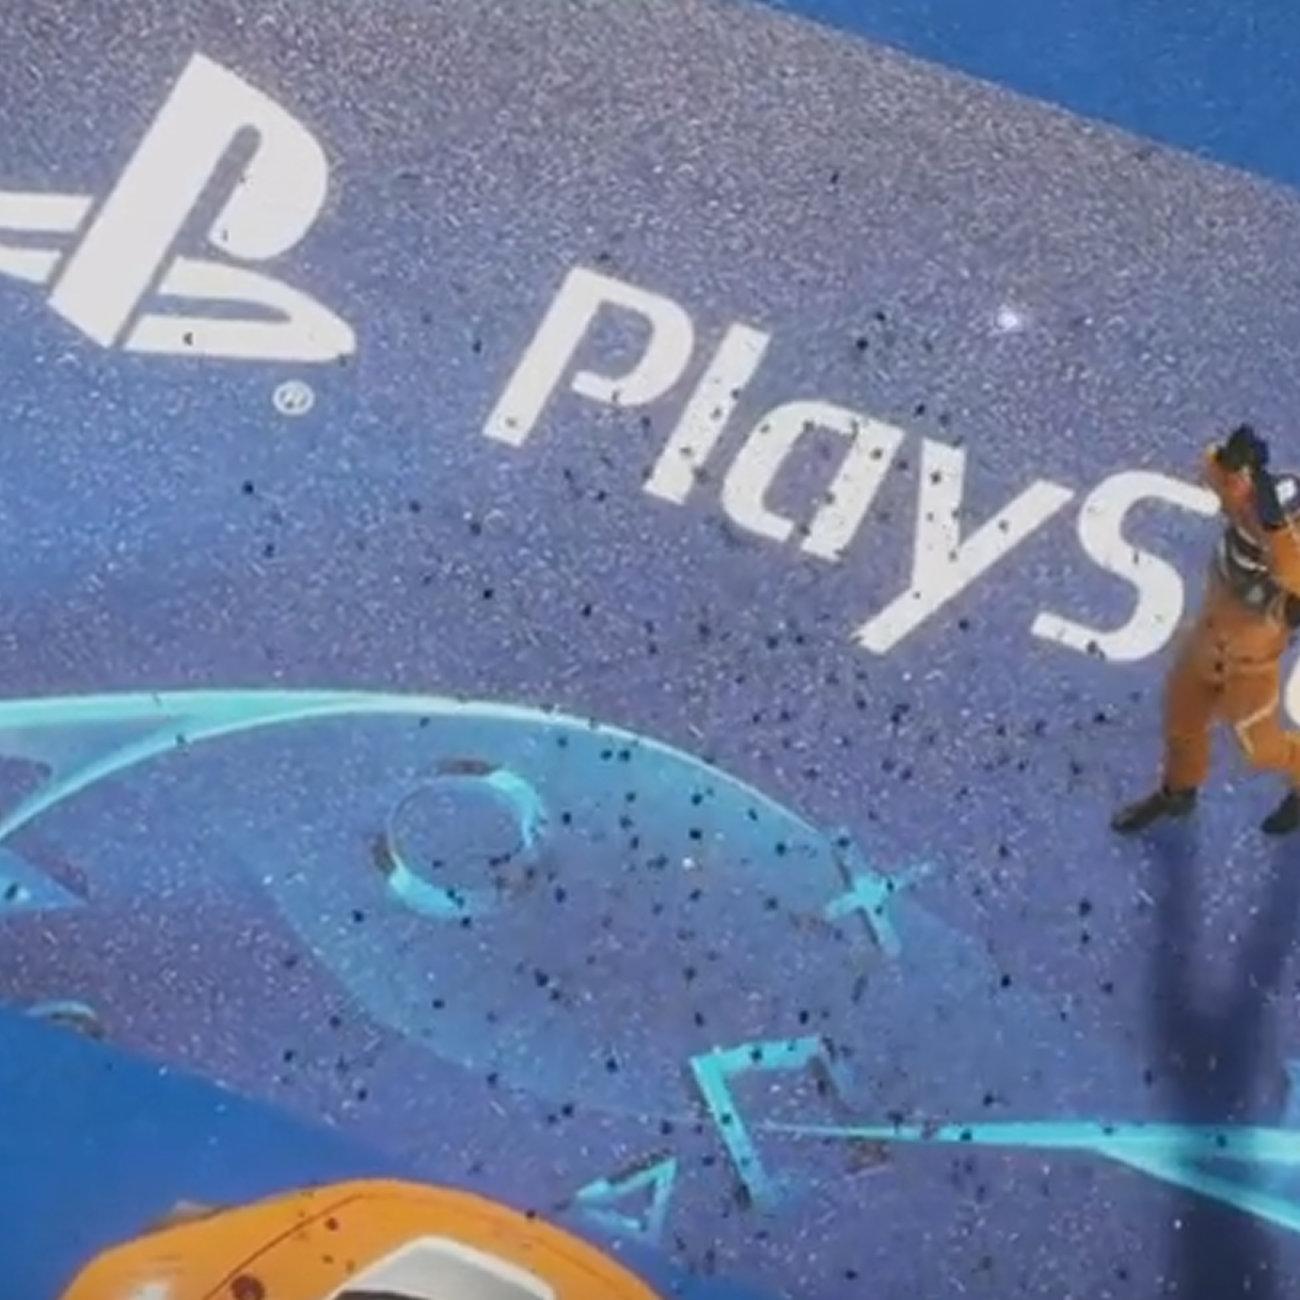 ソニー、E3 2019不参加。任天堂とマイクロソフト参加